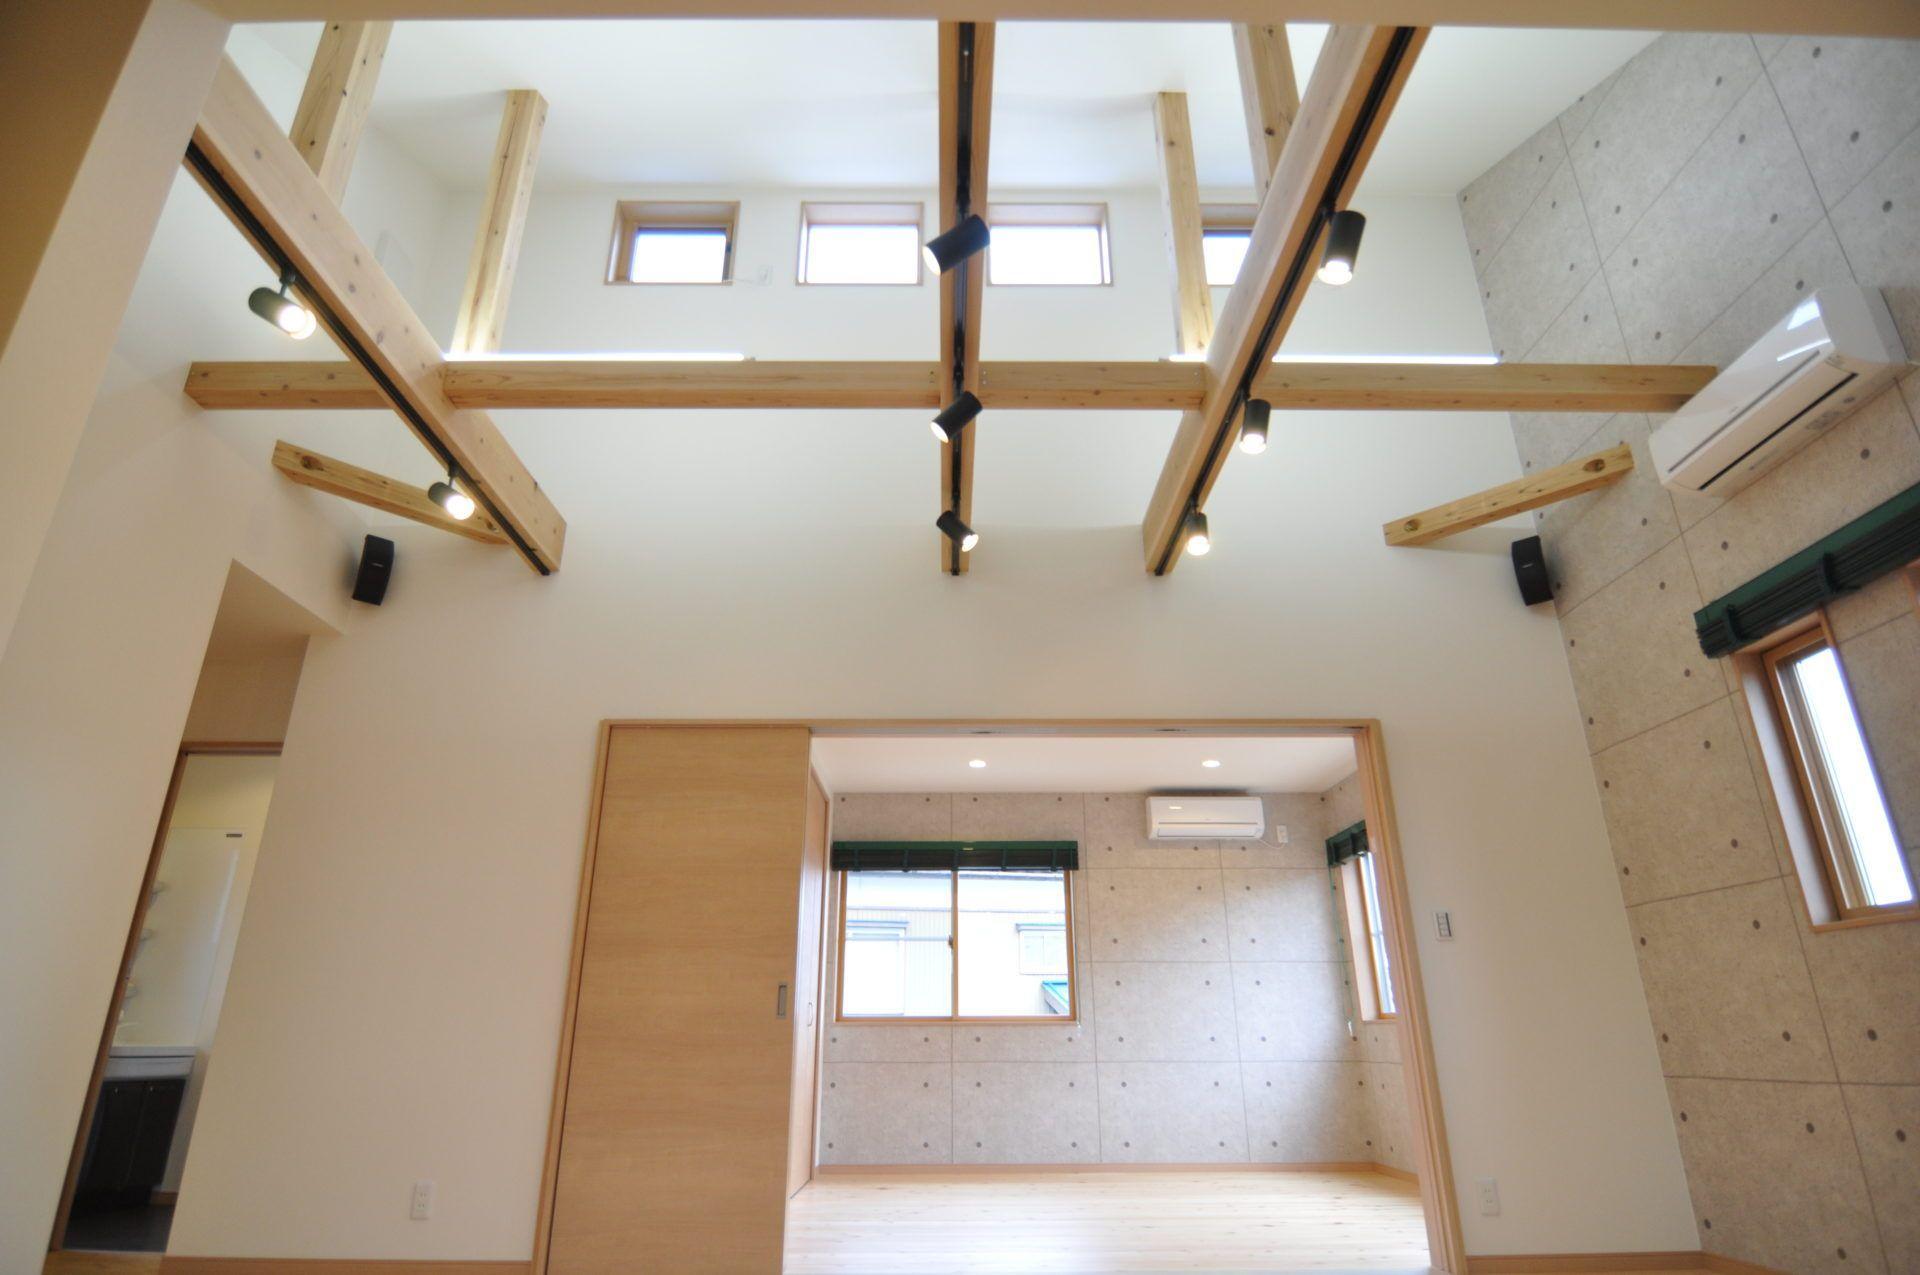 有限会社 市川建築店 1級建築士事務所「車庫と趣味の家」のシンプル・ナチュラルなリビング・ダイニングの実例写真